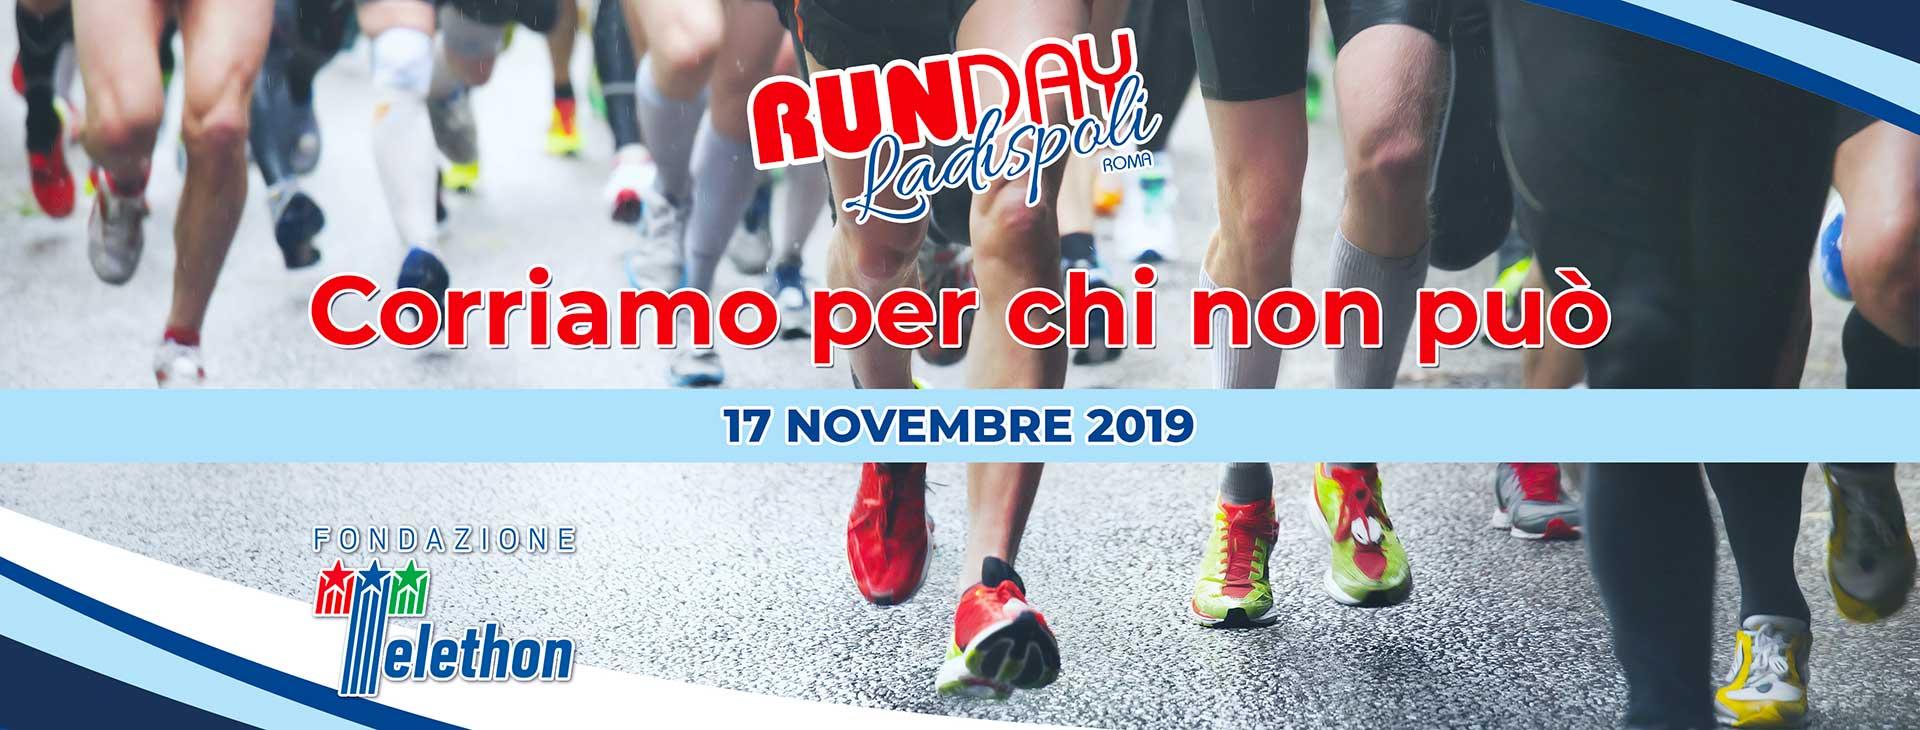 Runday Ladispoli 2019